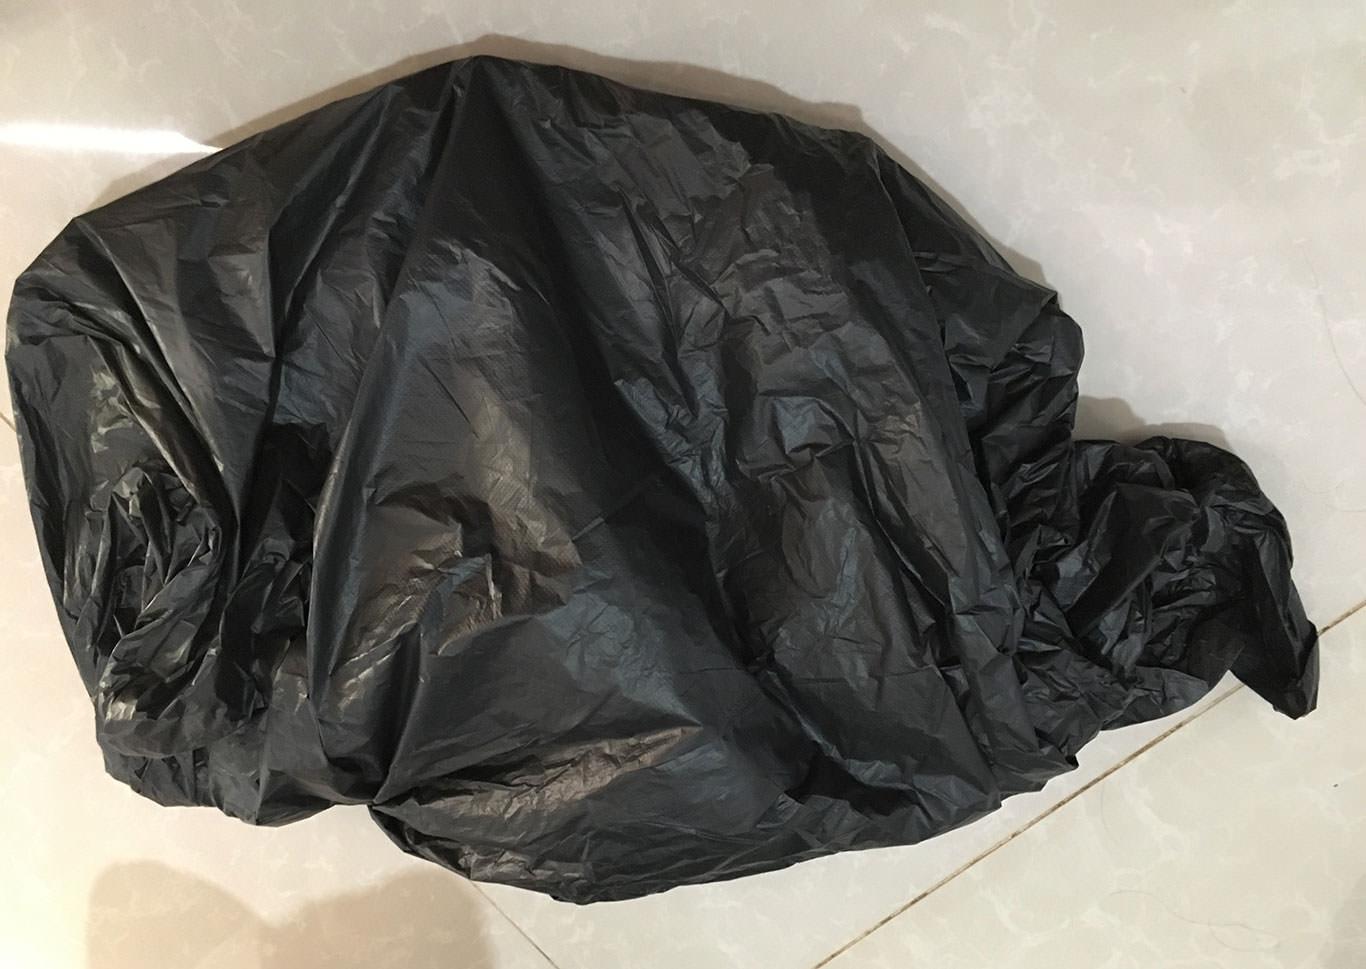 ゴミ袋で防水